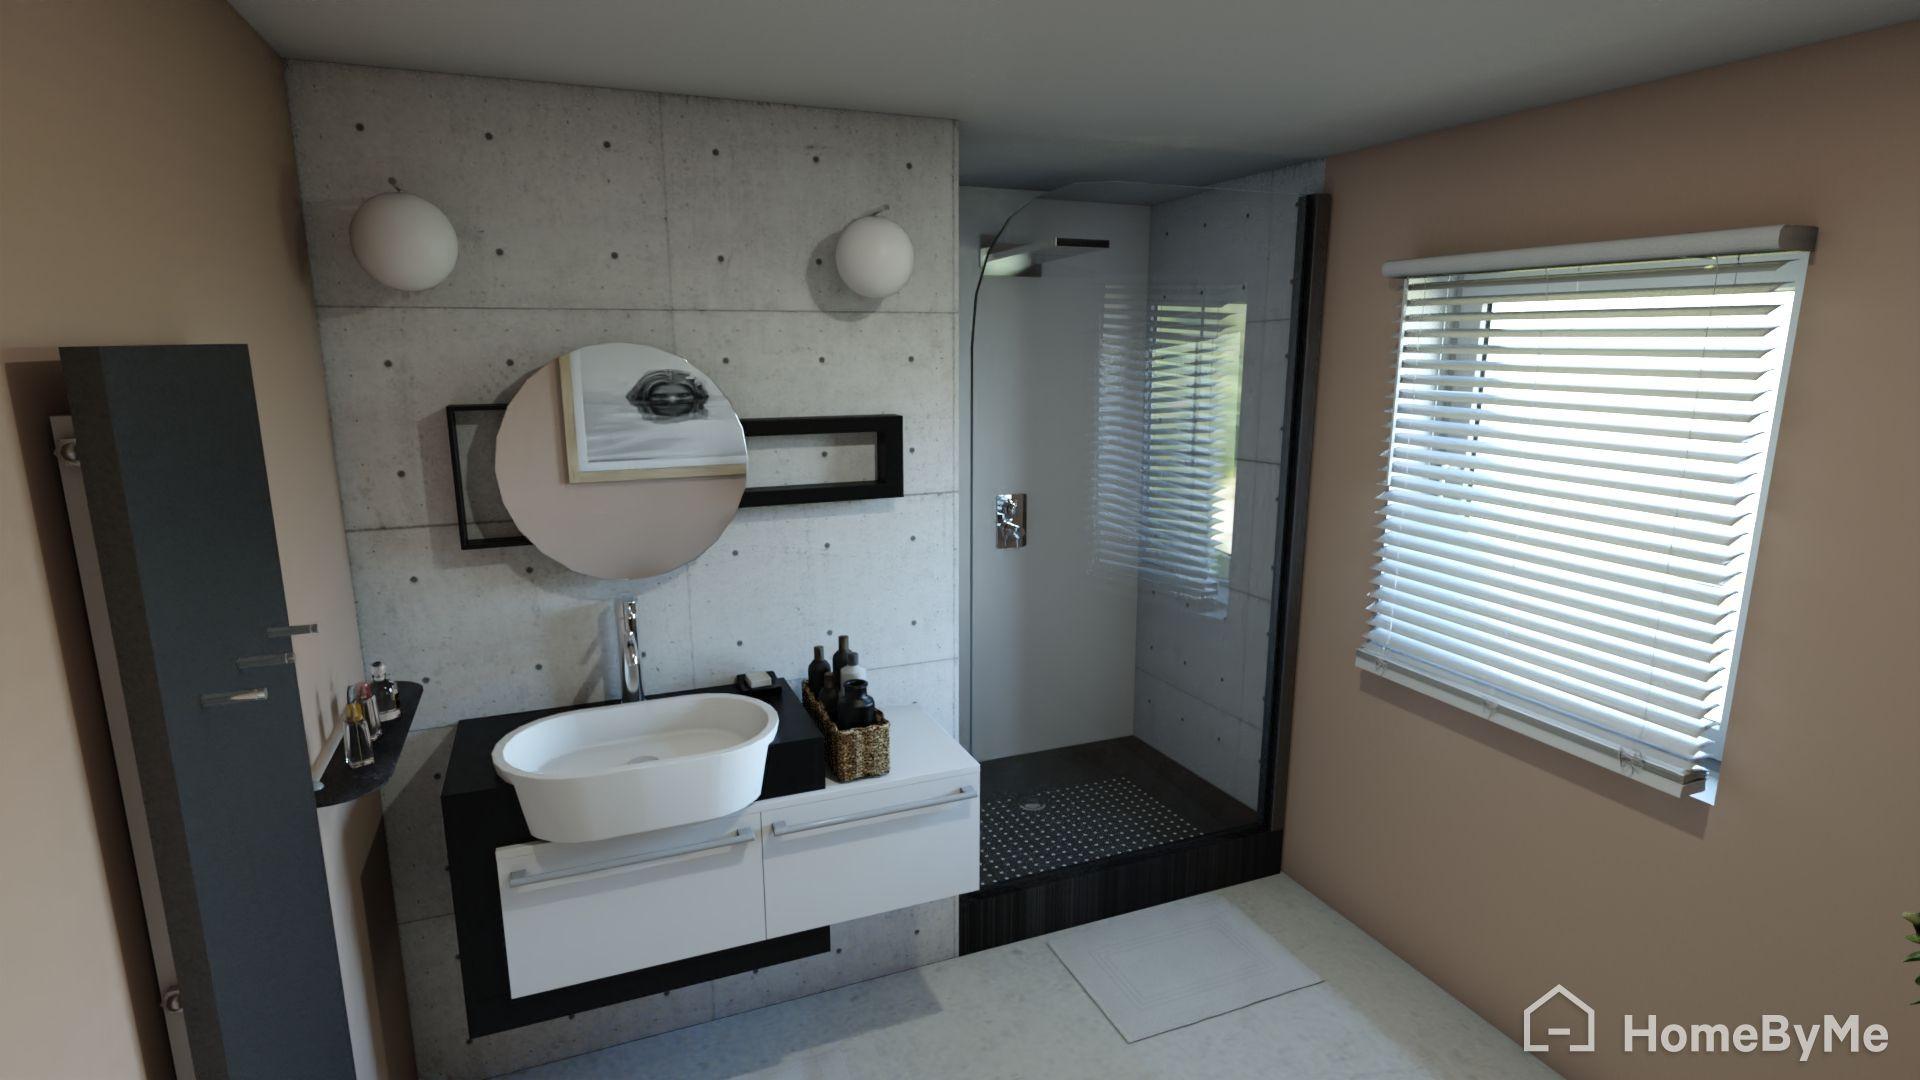 Salle de Bain - Salle d'eau 3D